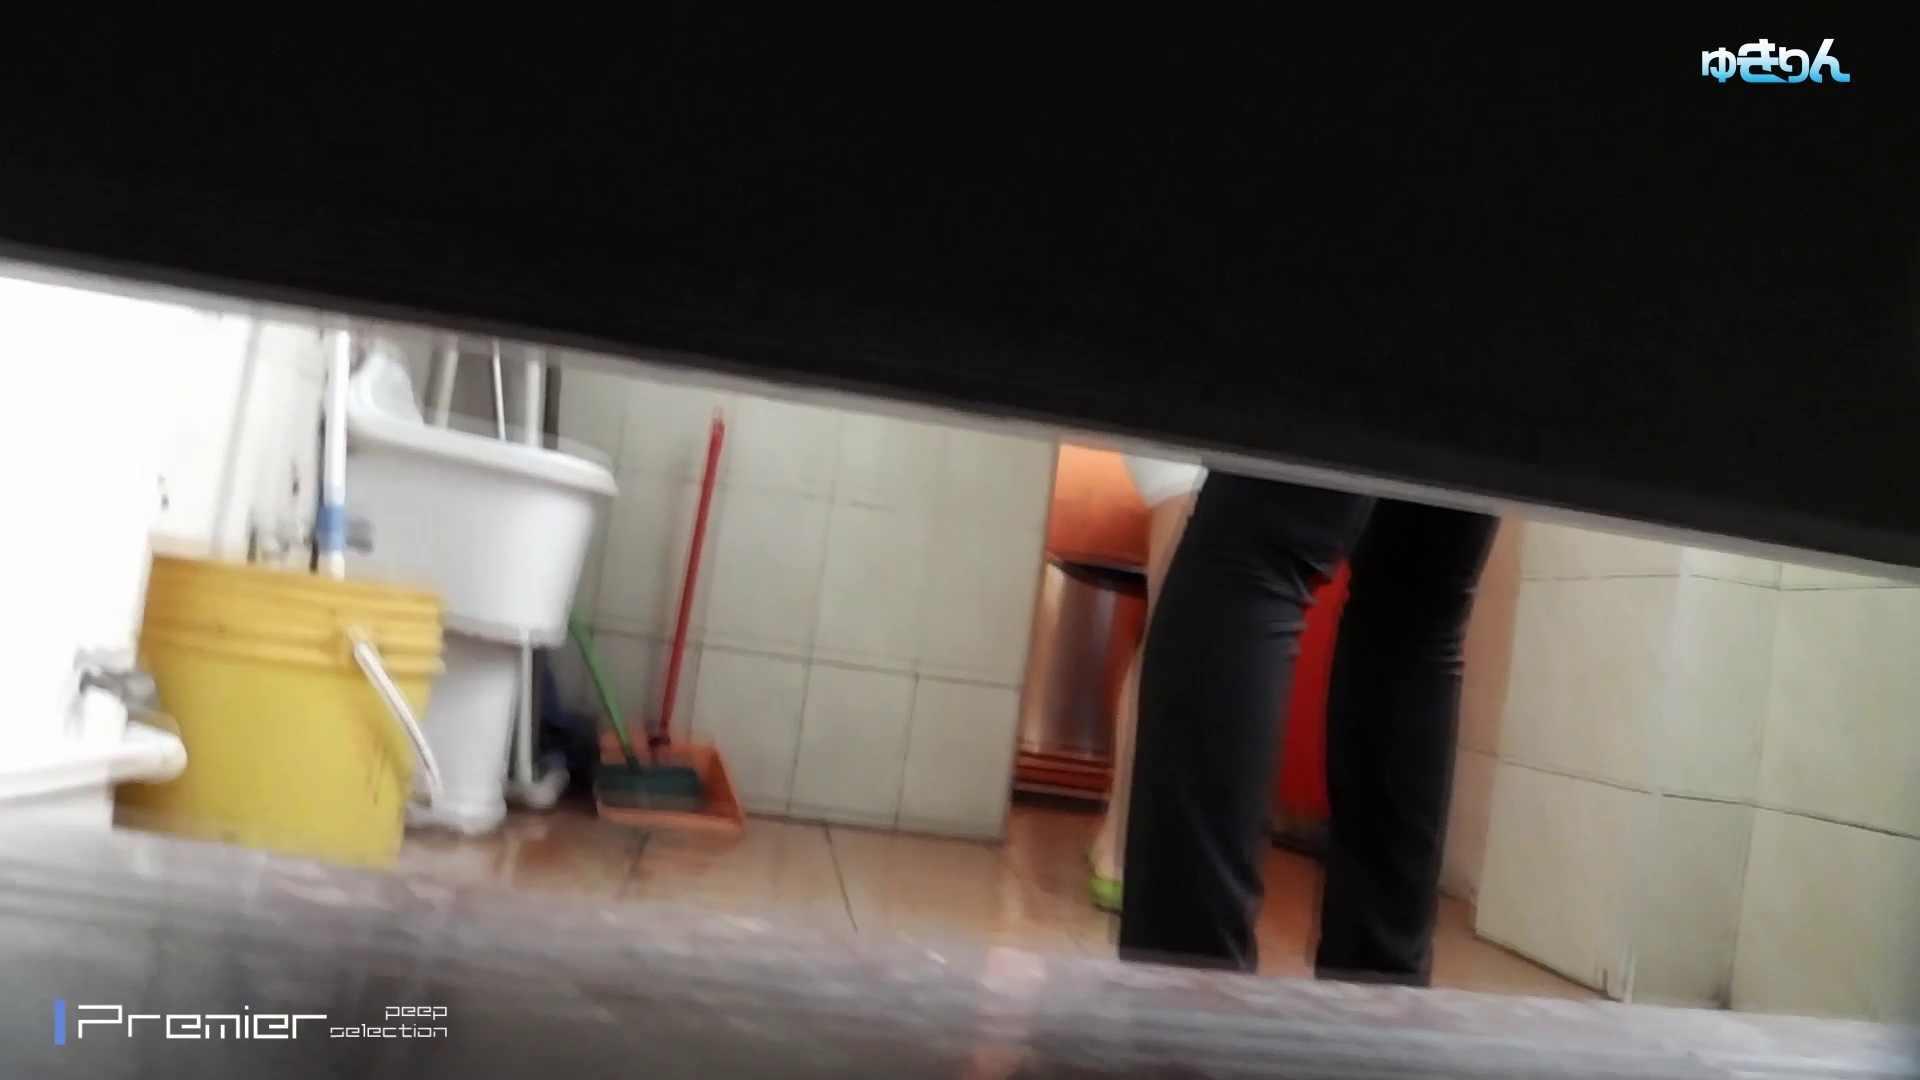 エッチ 熟女 ステーション編 vol60 ユキリン粘着撮り!!今回はタイトなパンツが似合う美女 怪盗ジョーカー